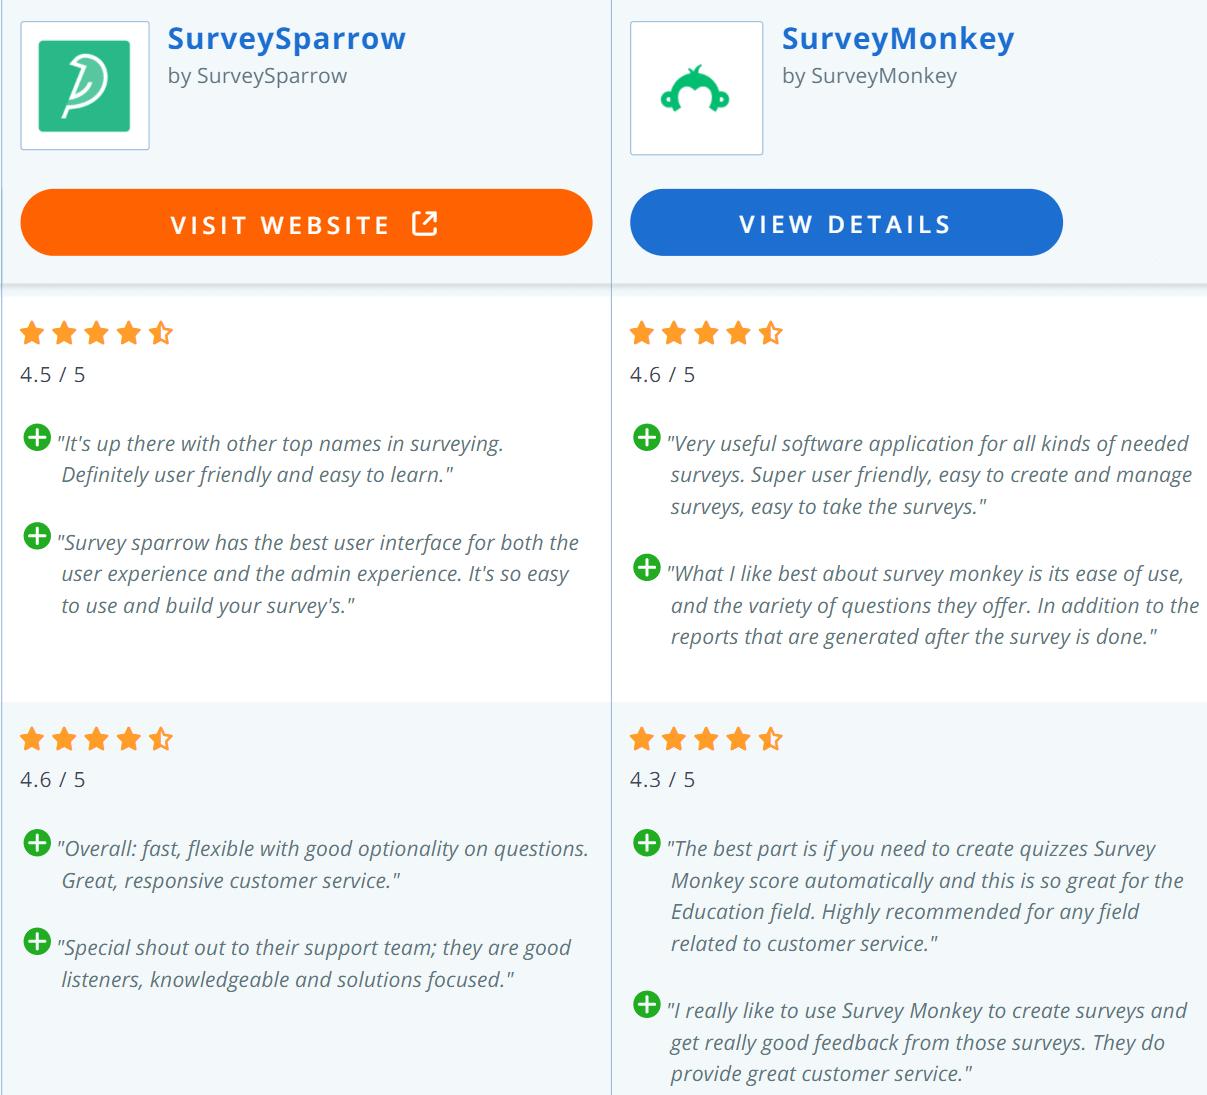 SurveyMonkey Alternatives - SurveySparrow